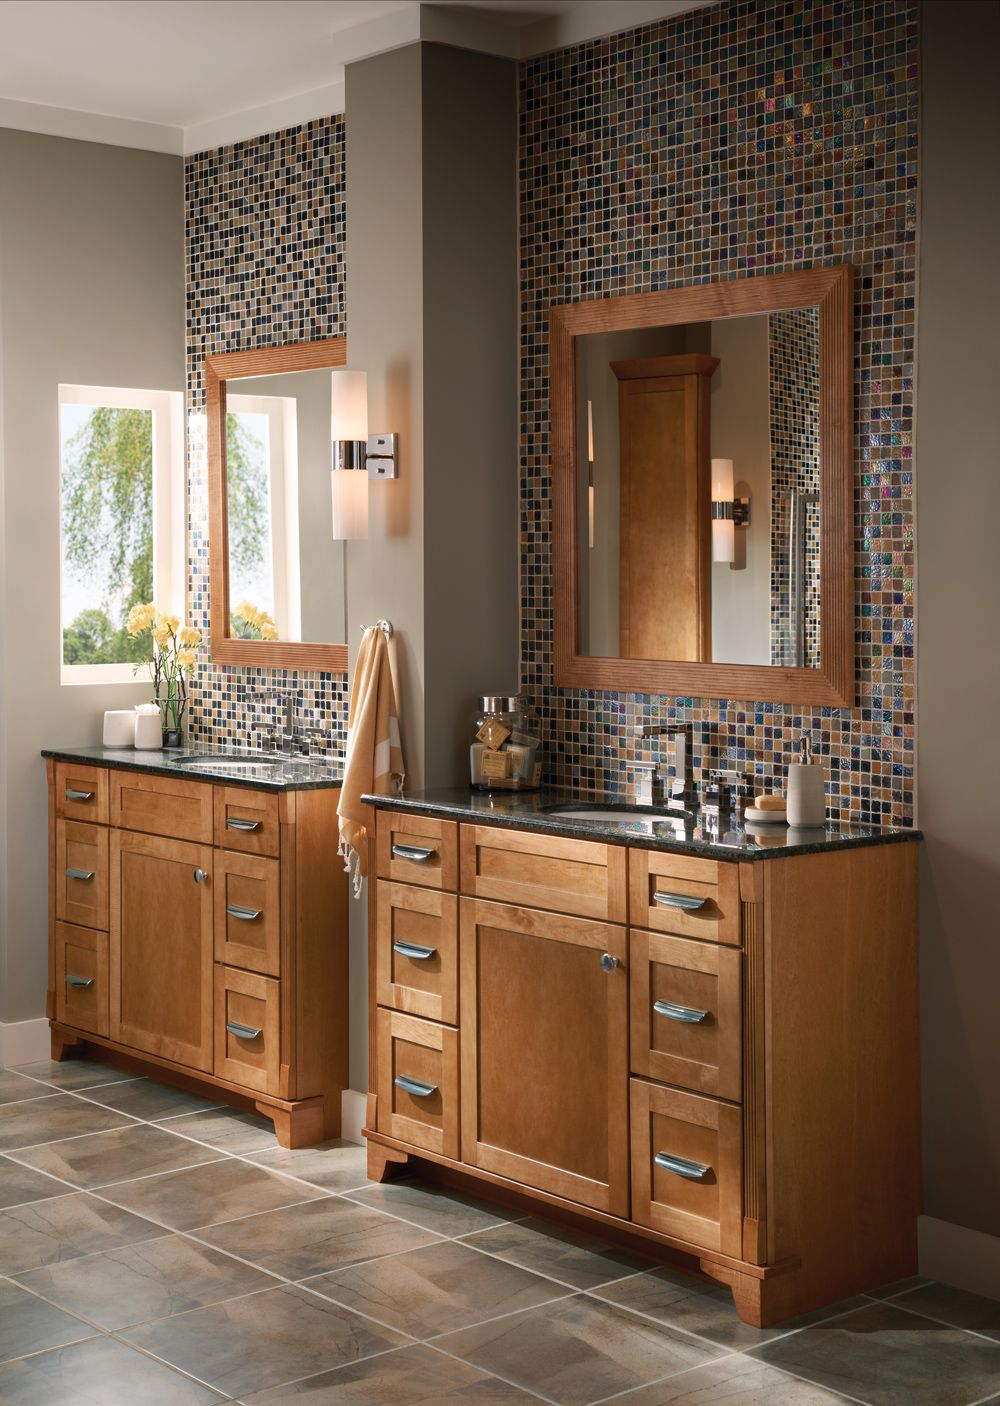 Kraftmaid Love The Idea Of Gl Tile Backsplash Lowes Moreno Valley Bathroom Cabinetsbathroom